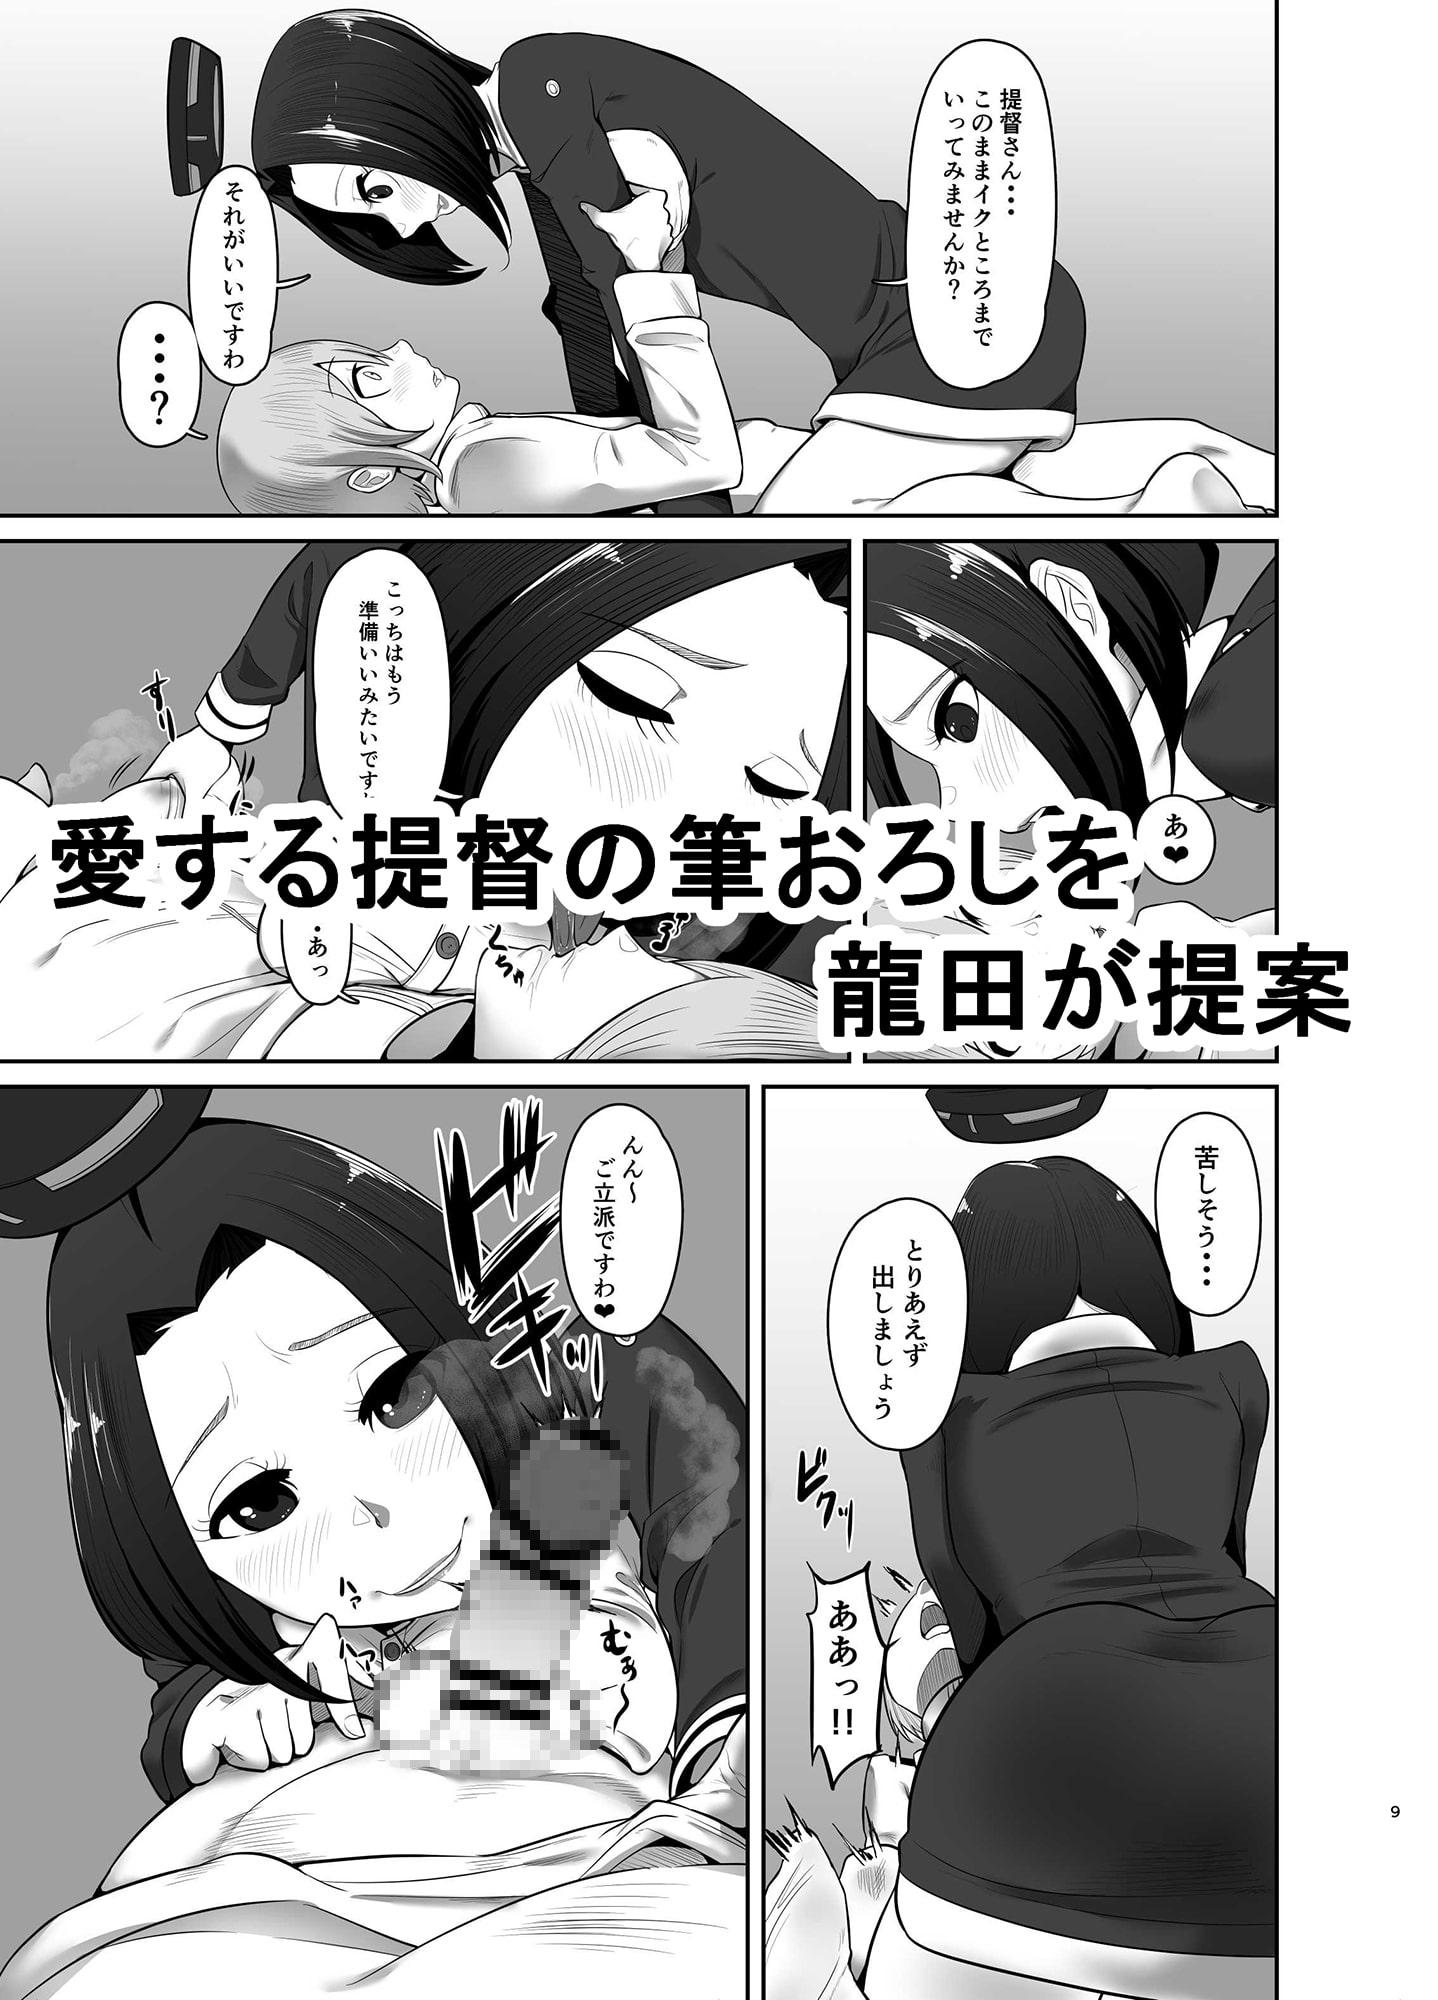 龍田さんと提督くん